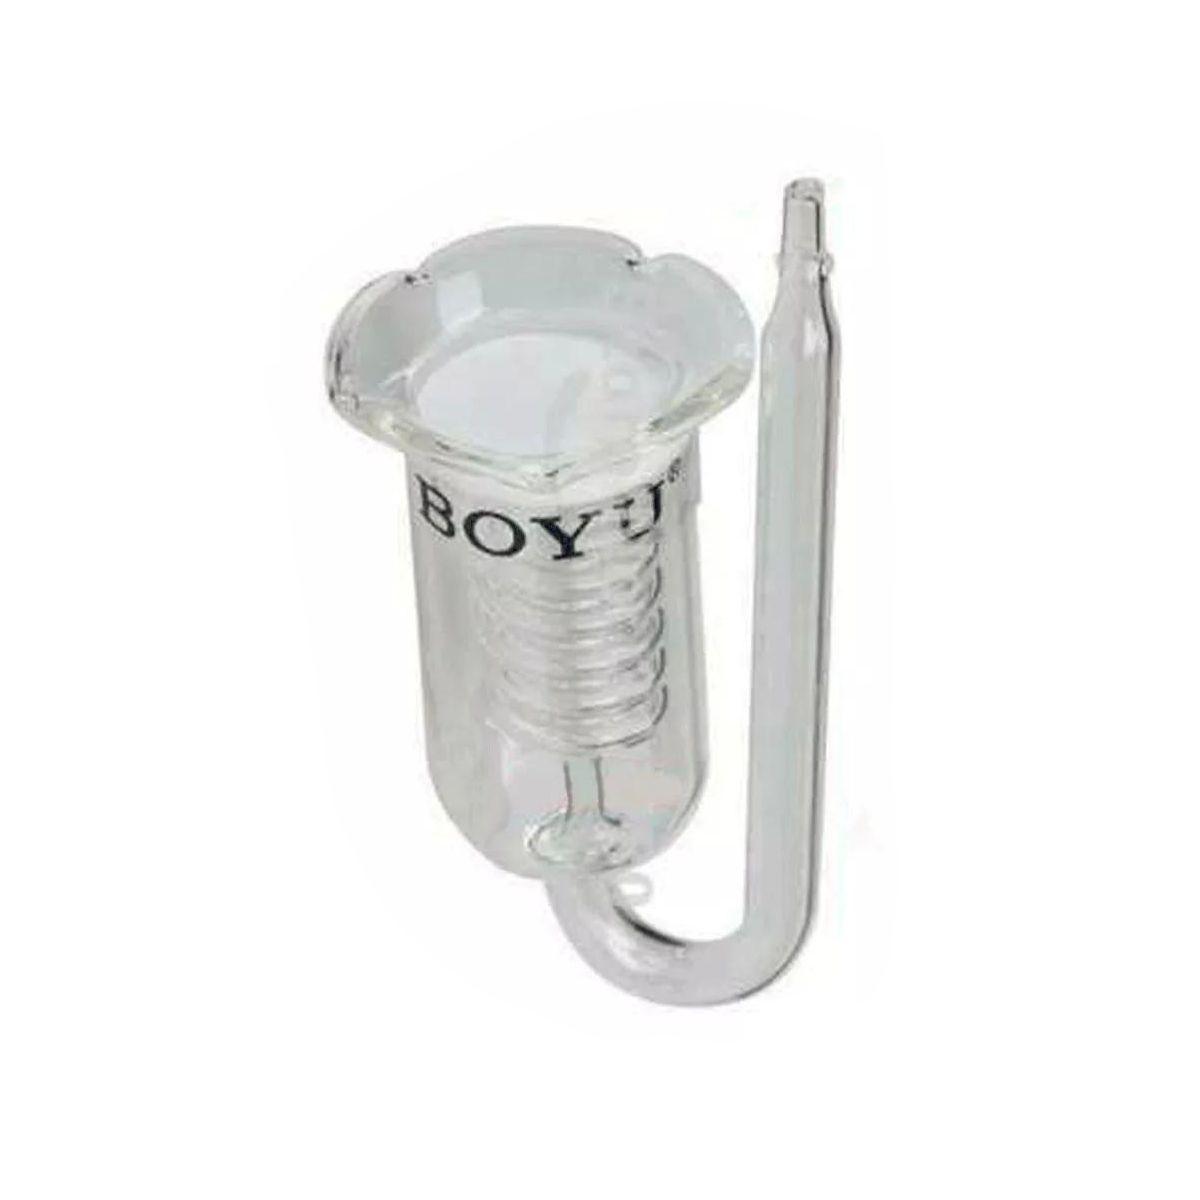 Difusor de CO2 com Serpentina de Vidro Boyu CO-170